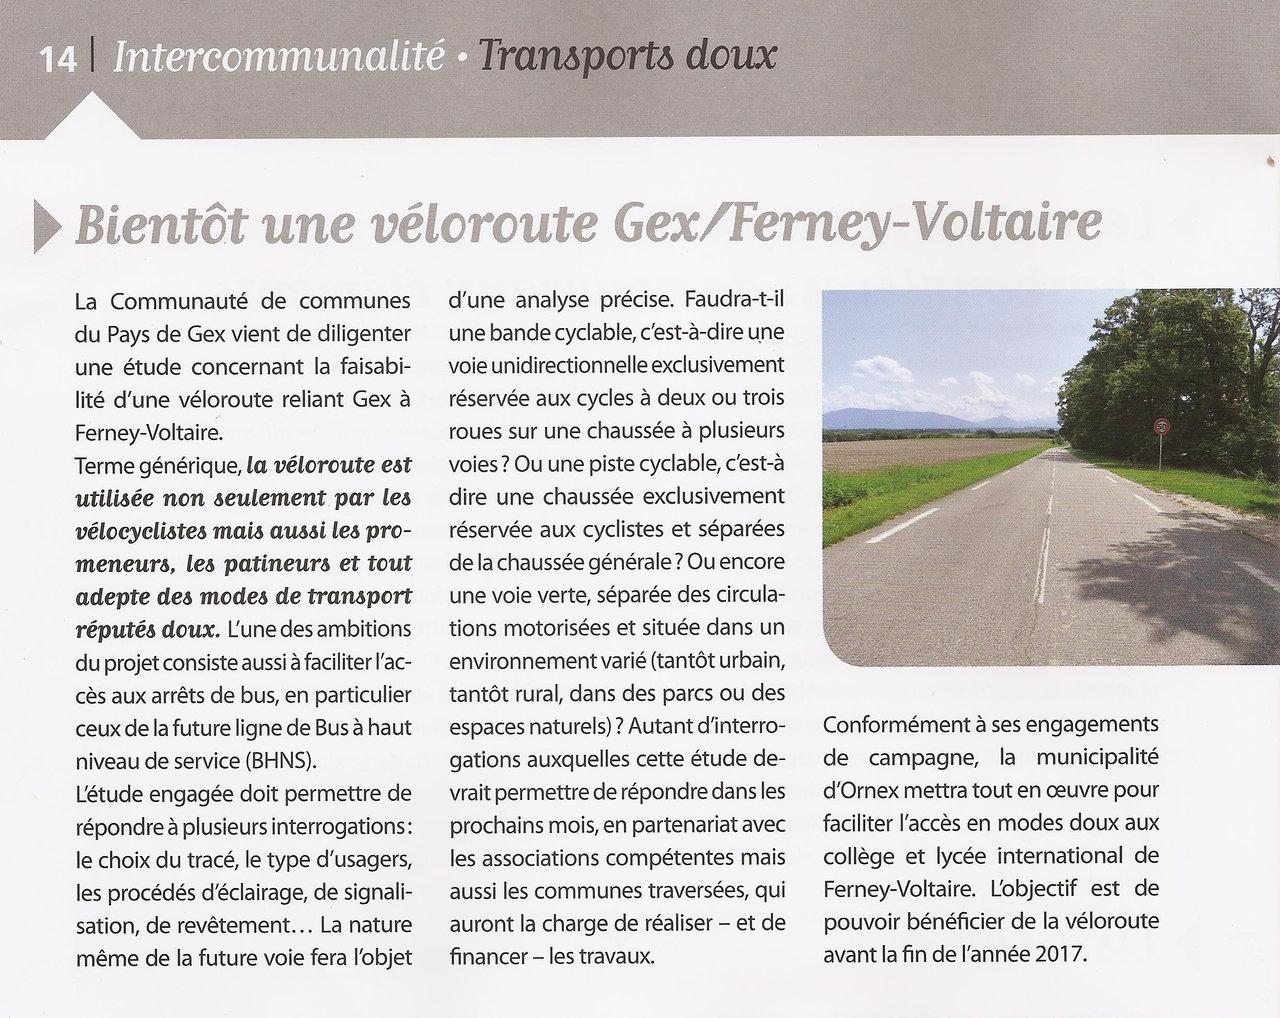 Des nouvelles de la véloroute Gex-Ferney